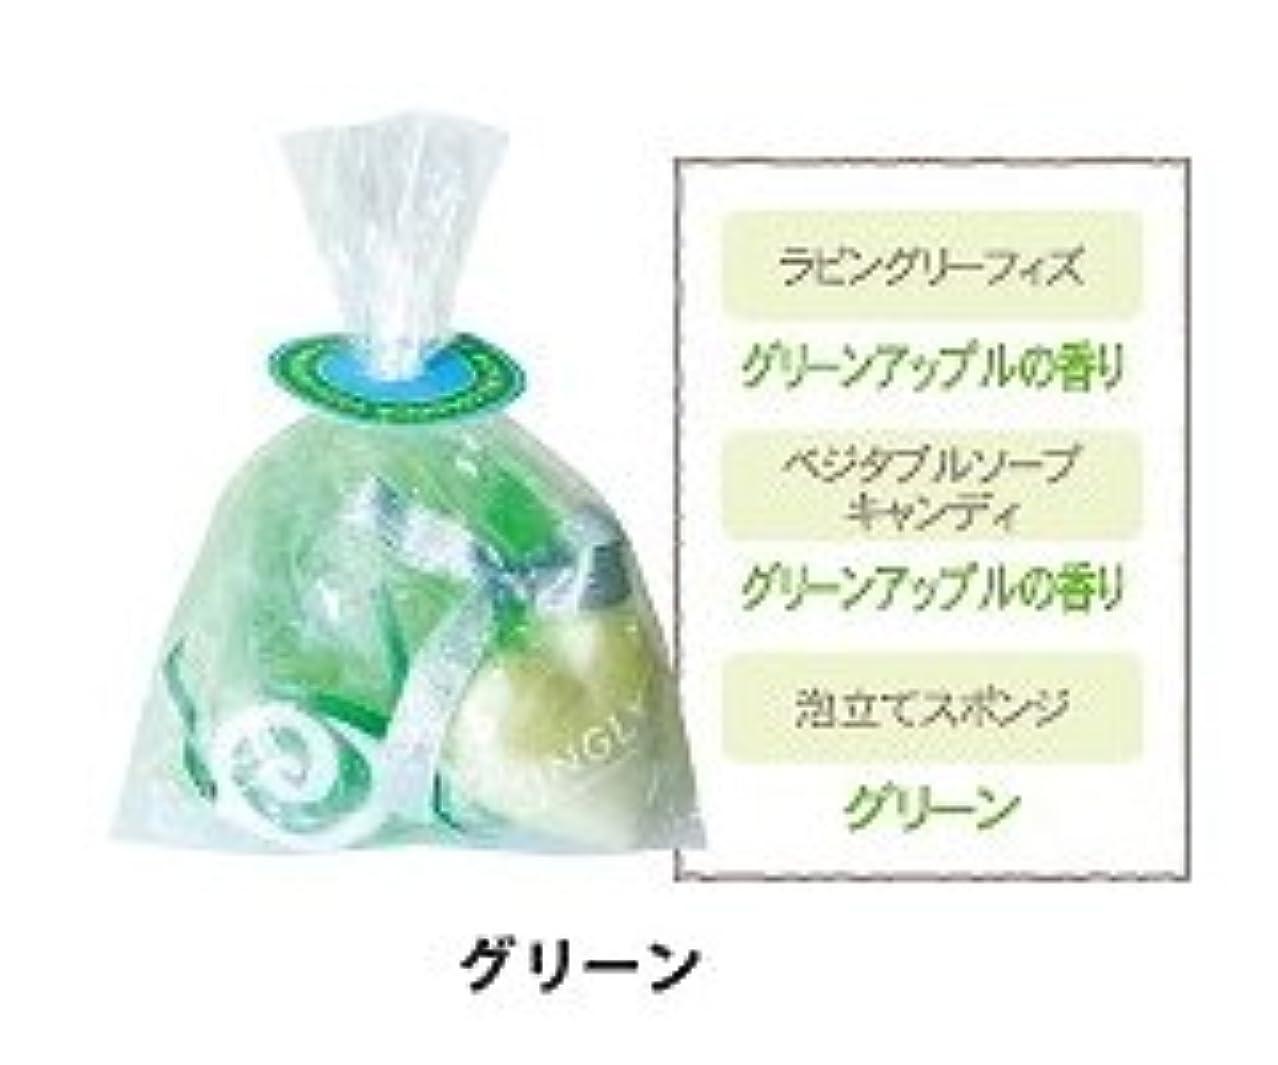 気がついてビヨンラップカラフルキャンディ バスバッグ グリーン 12個セット